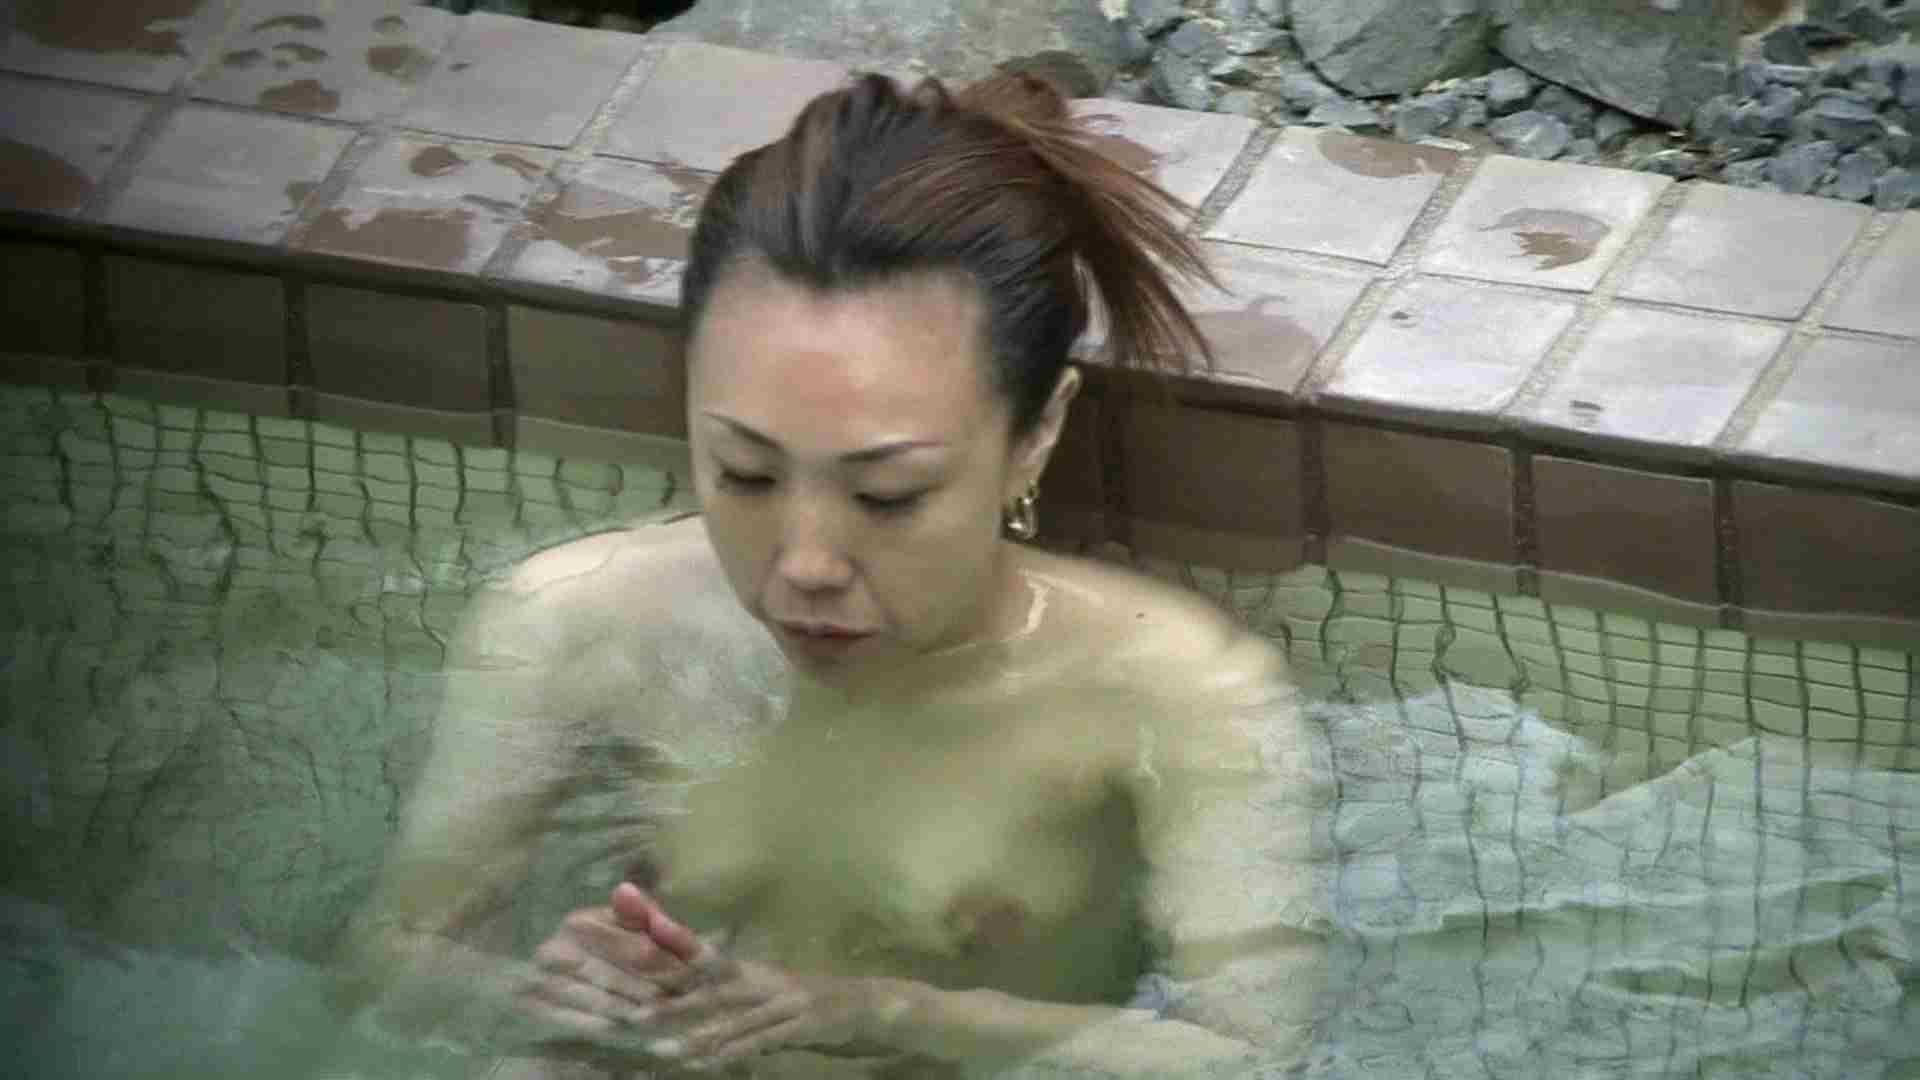 Aquaな露天風呂Vol.654 OLすけべ画像  38連発 15